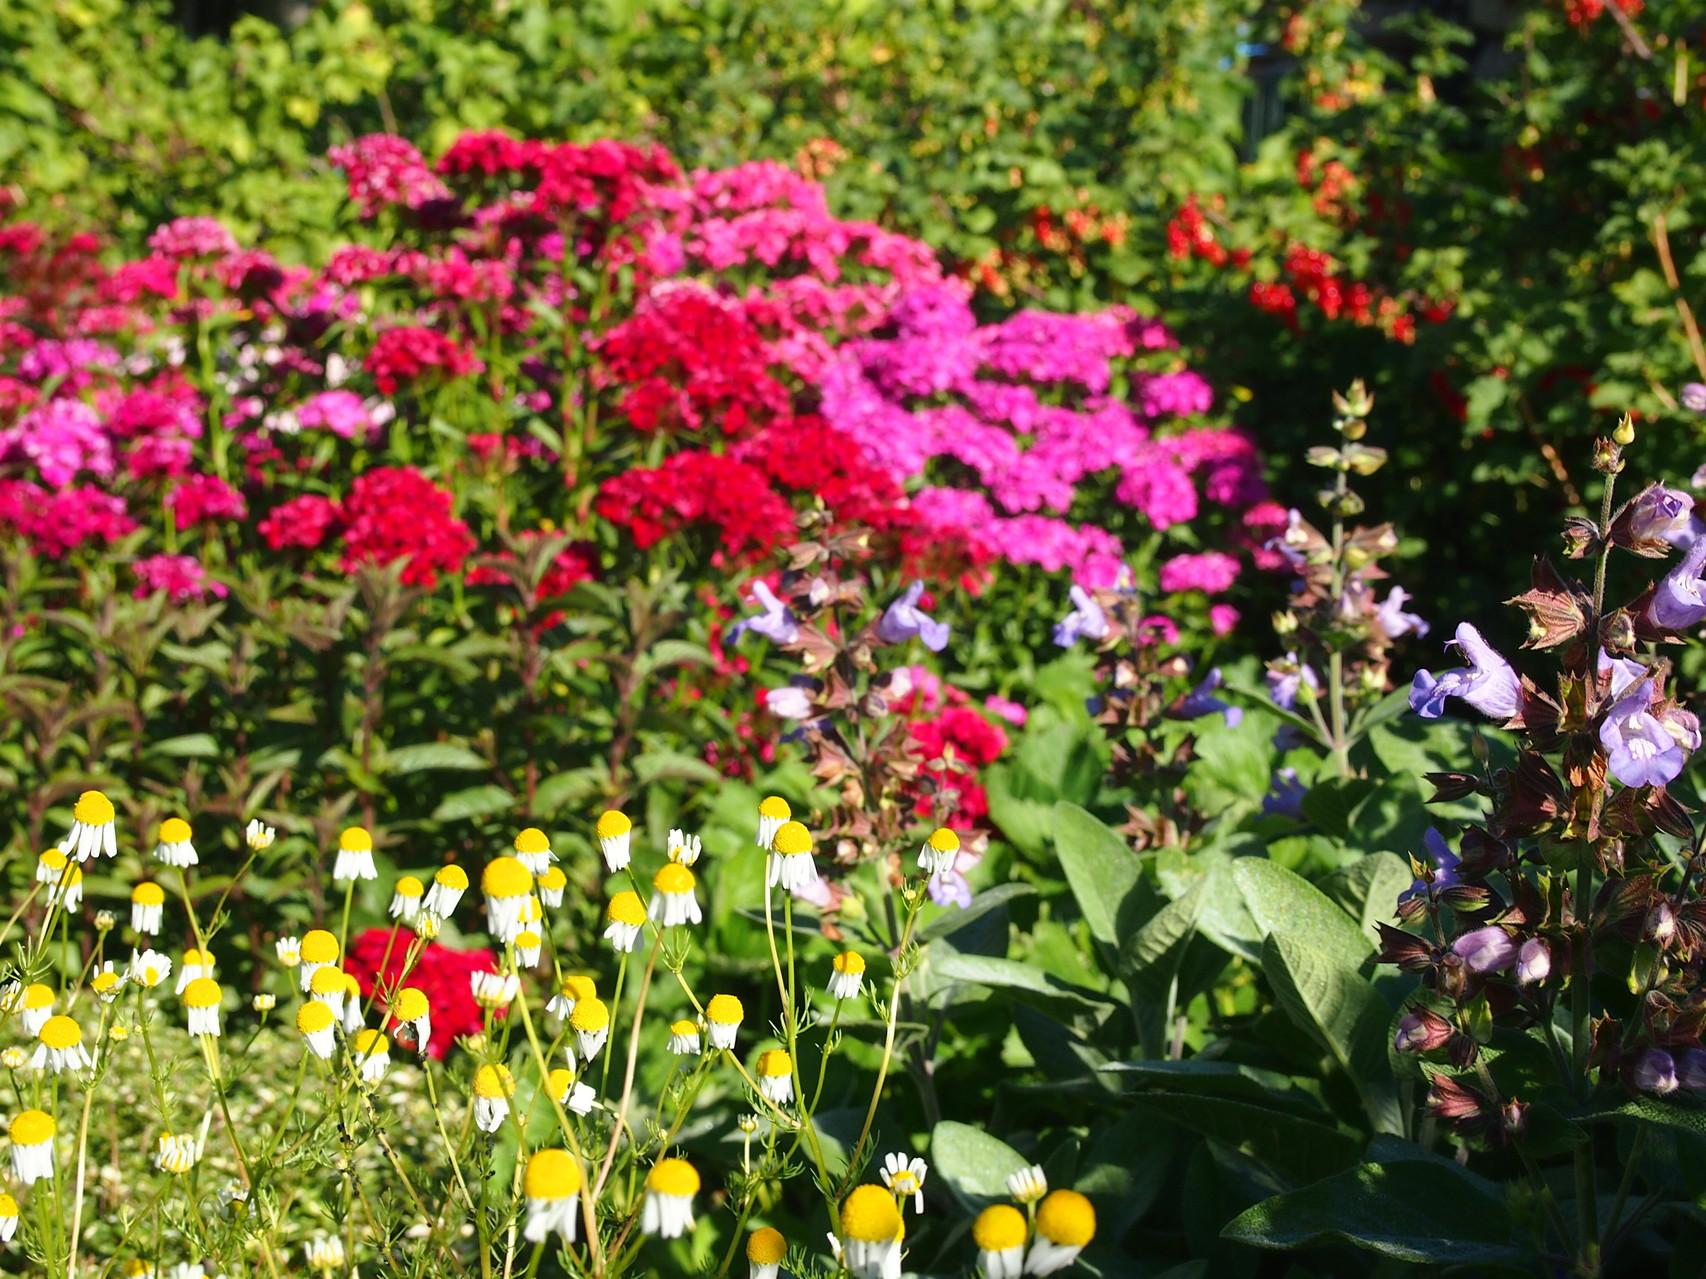 Mein Gemüse-Kräutergarten-ein liebevolles Miteinander :)